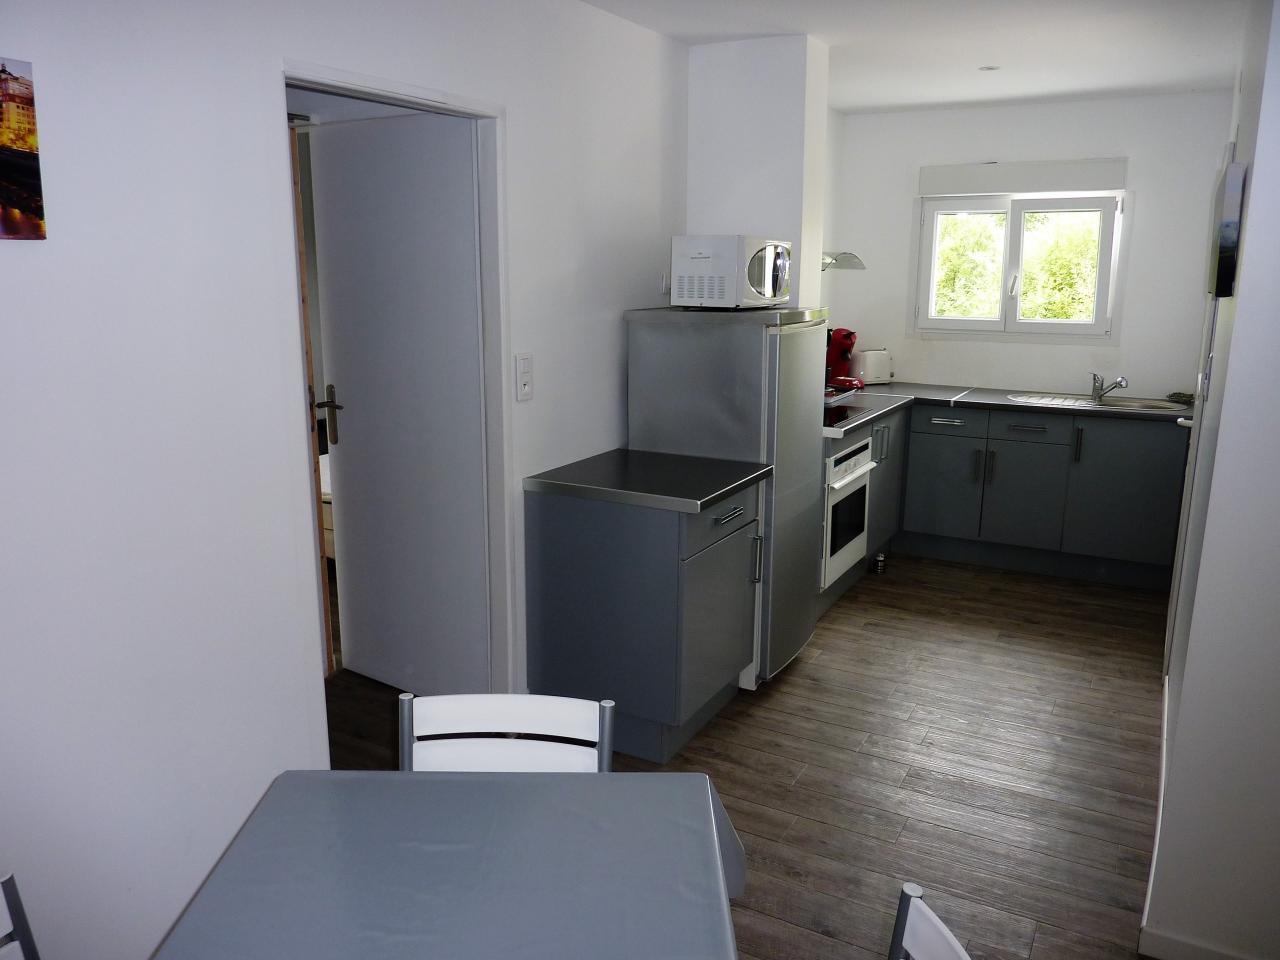 Appartement dans maison pour 4 personnes aux portes de for Appartement maison fr